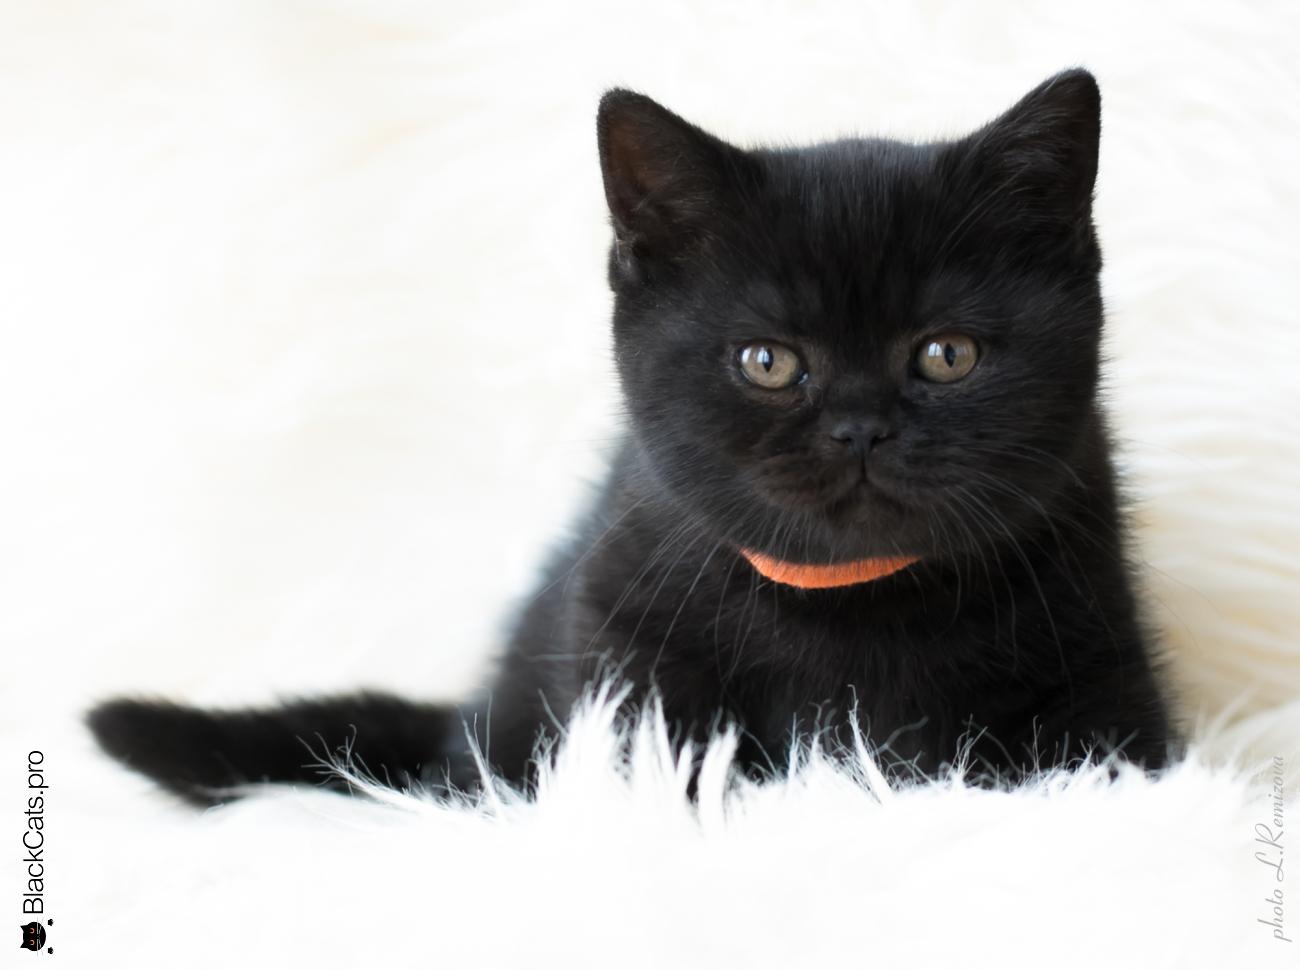 """Черный британский котенок 2 месяца. Питомник """"Jetstone"""""""